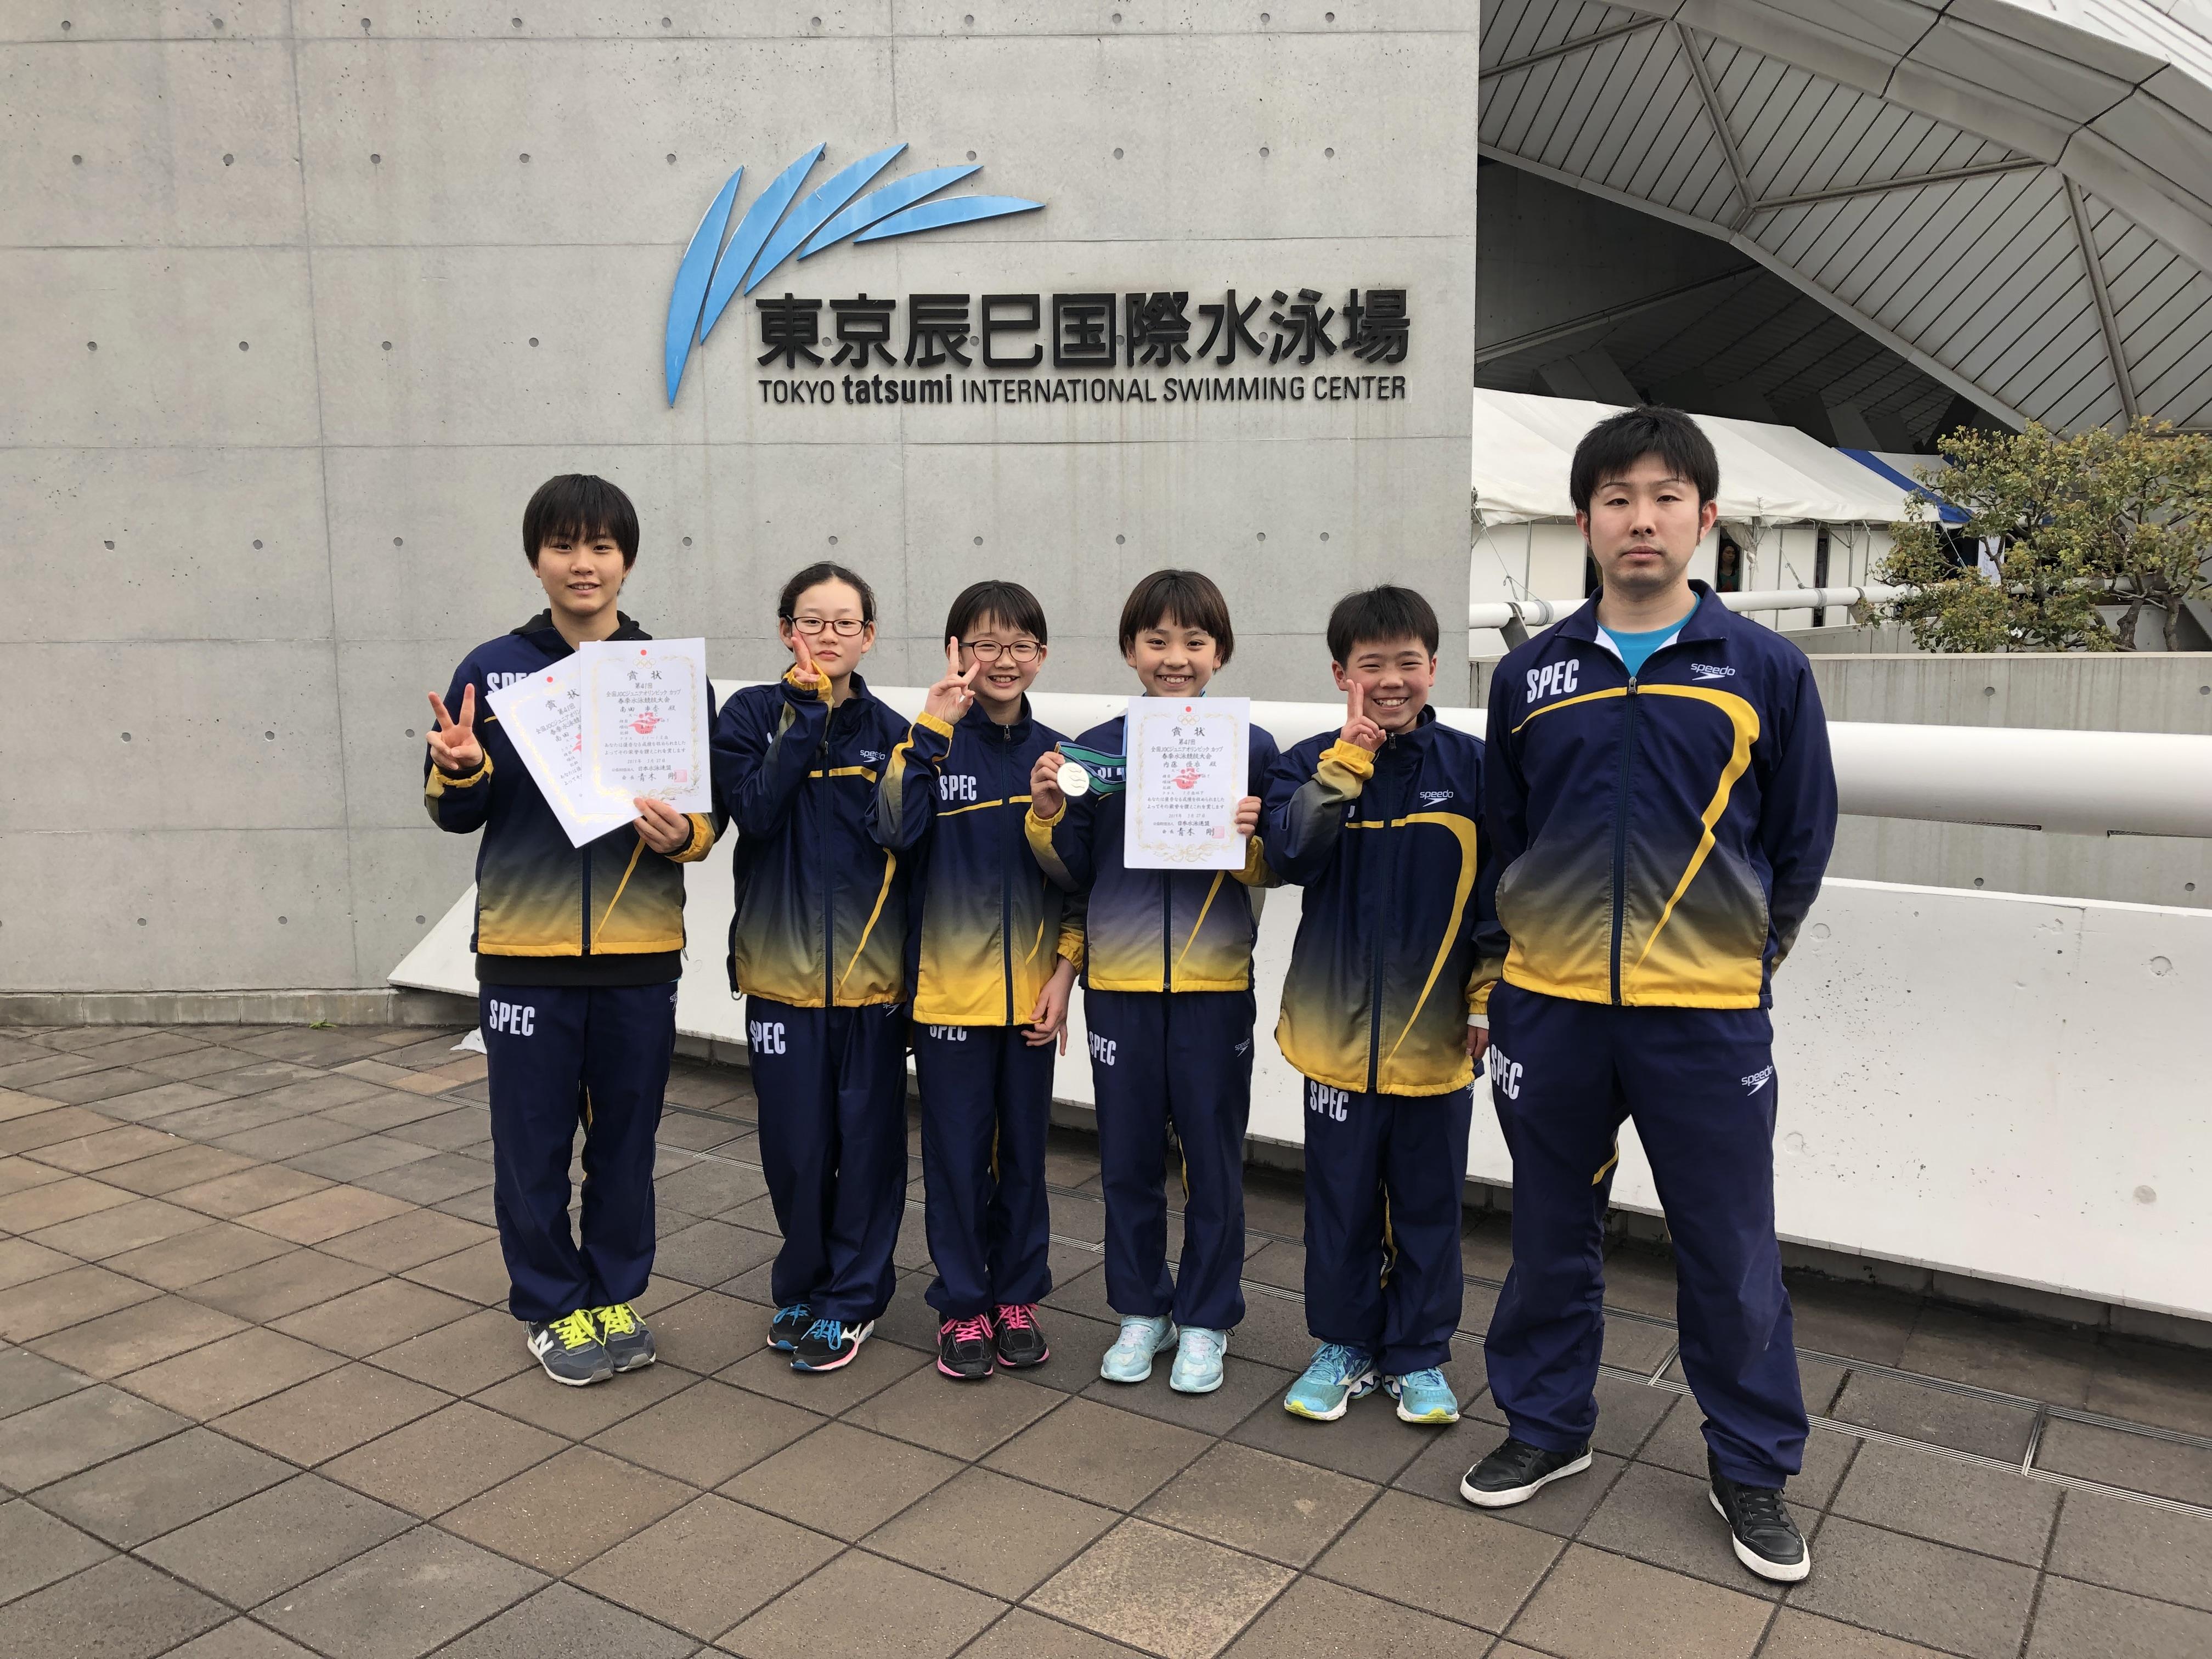 第41回 全国JOCジュニアオリンピックカップ 春季水泳競技大会【結果報告】